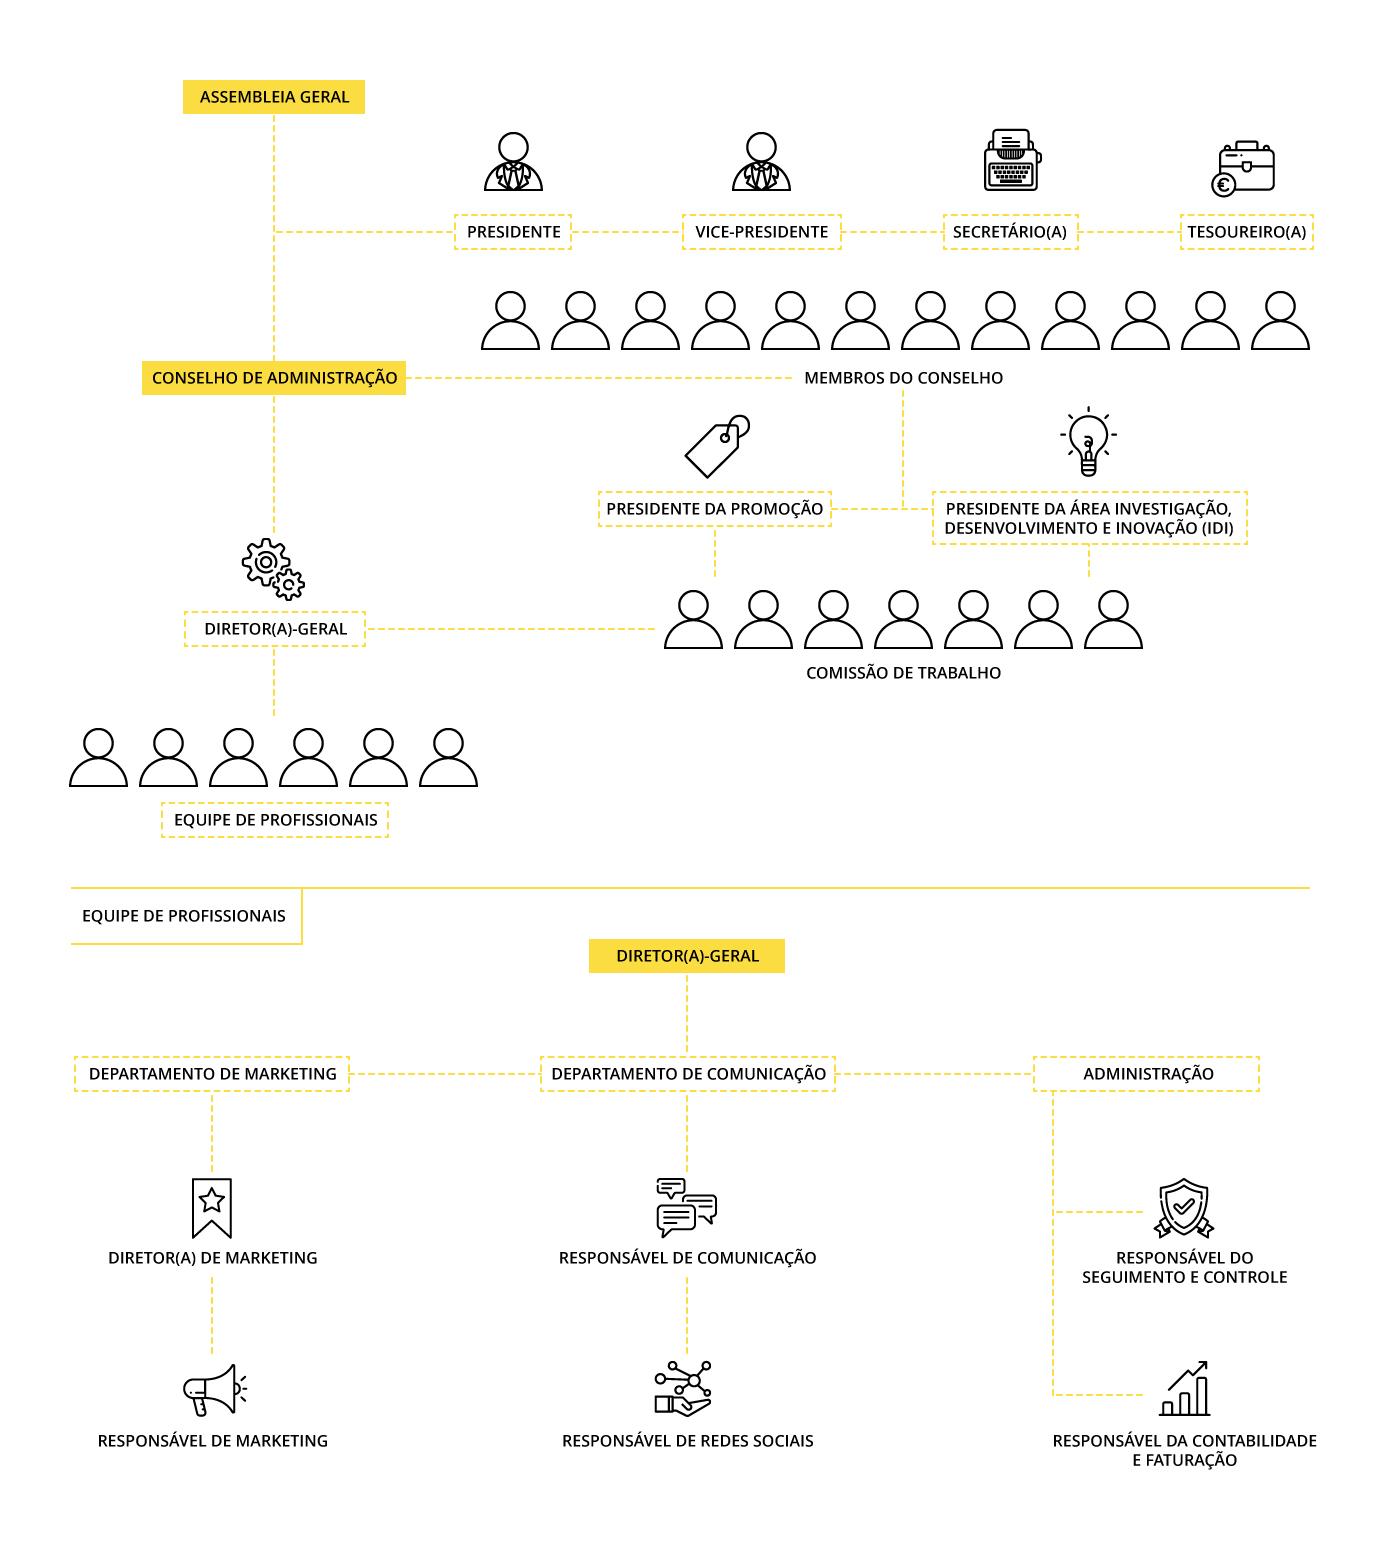 Organograma da Organização Interprofissional do Azeite Espanhol